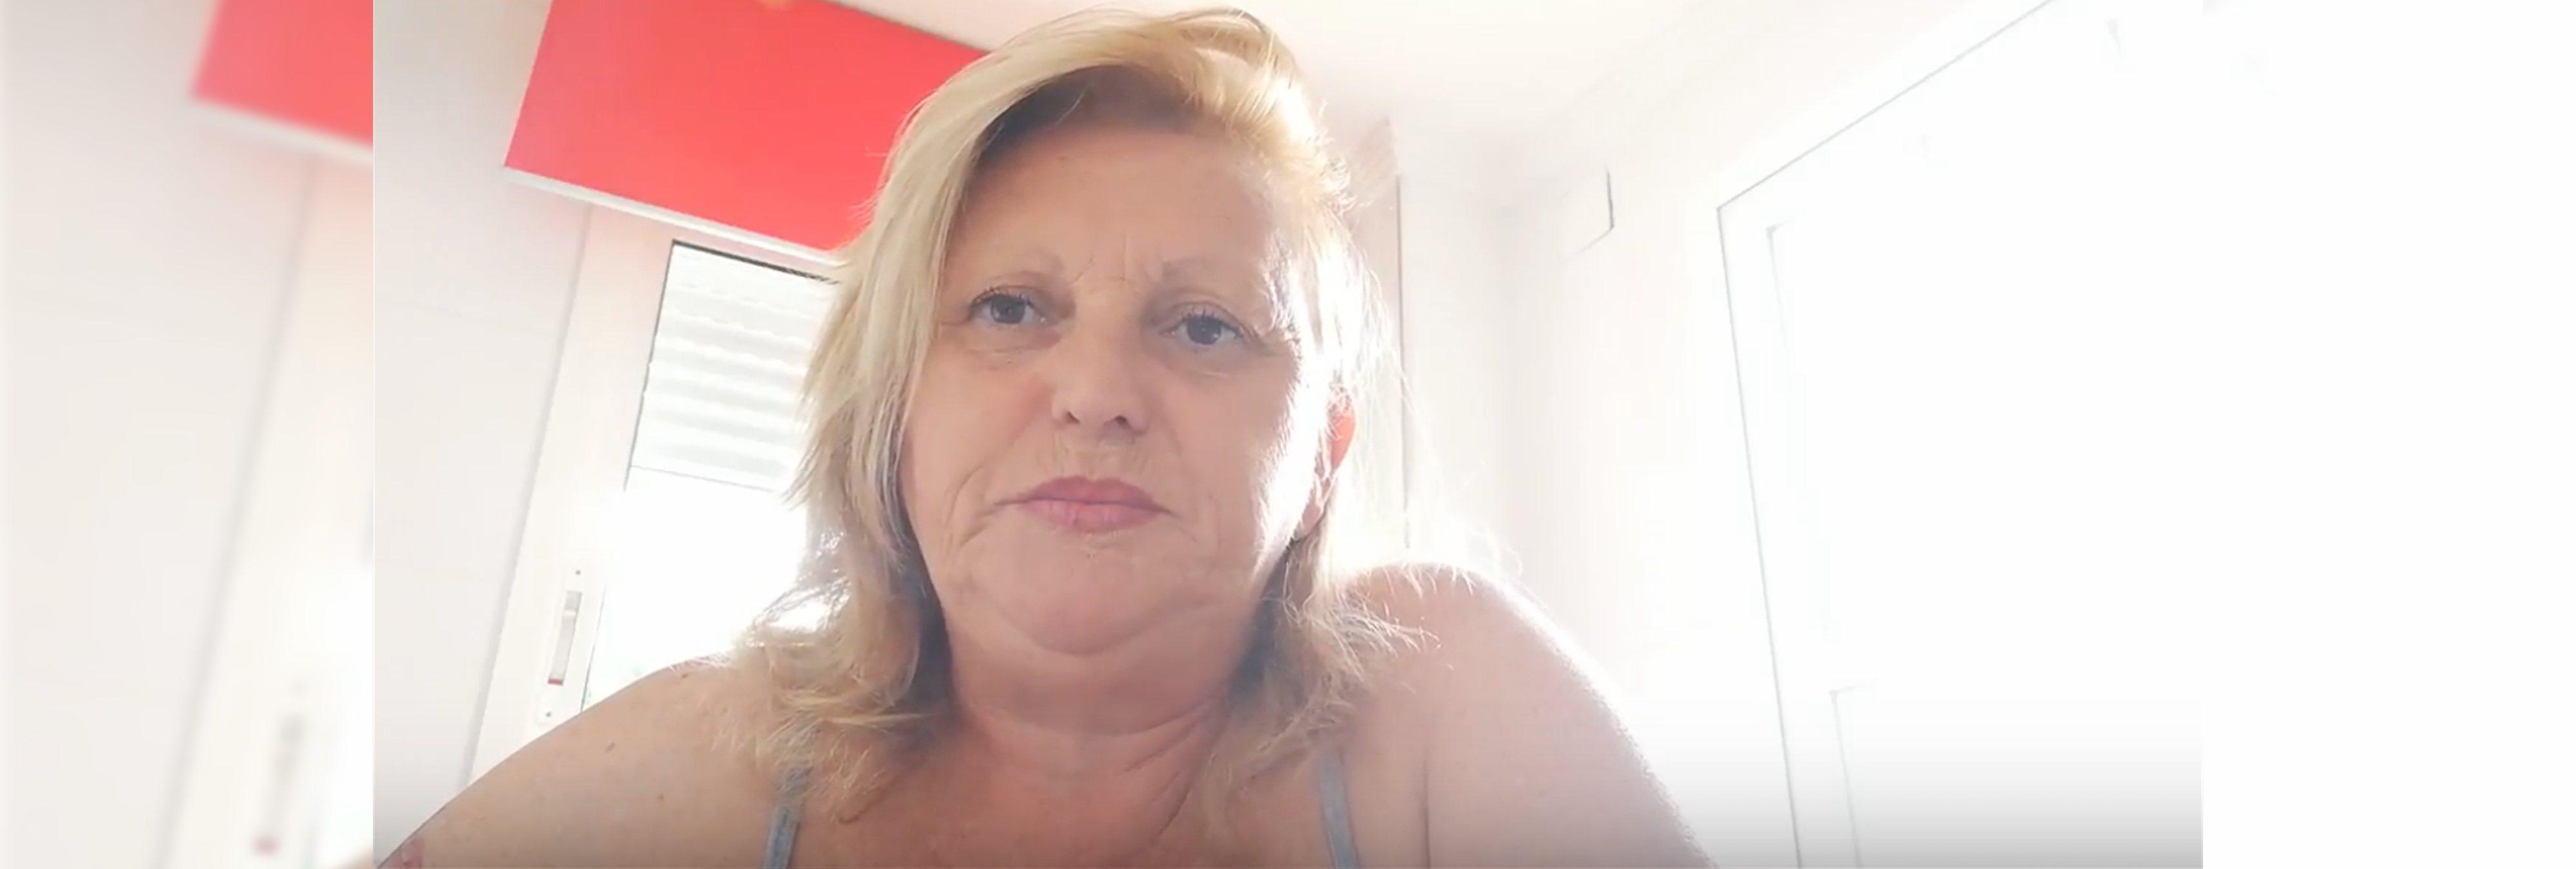 Luisa Garrido, la youtuber que amenaza de muerte a Pedro Sánchez y echa de menos a Franco